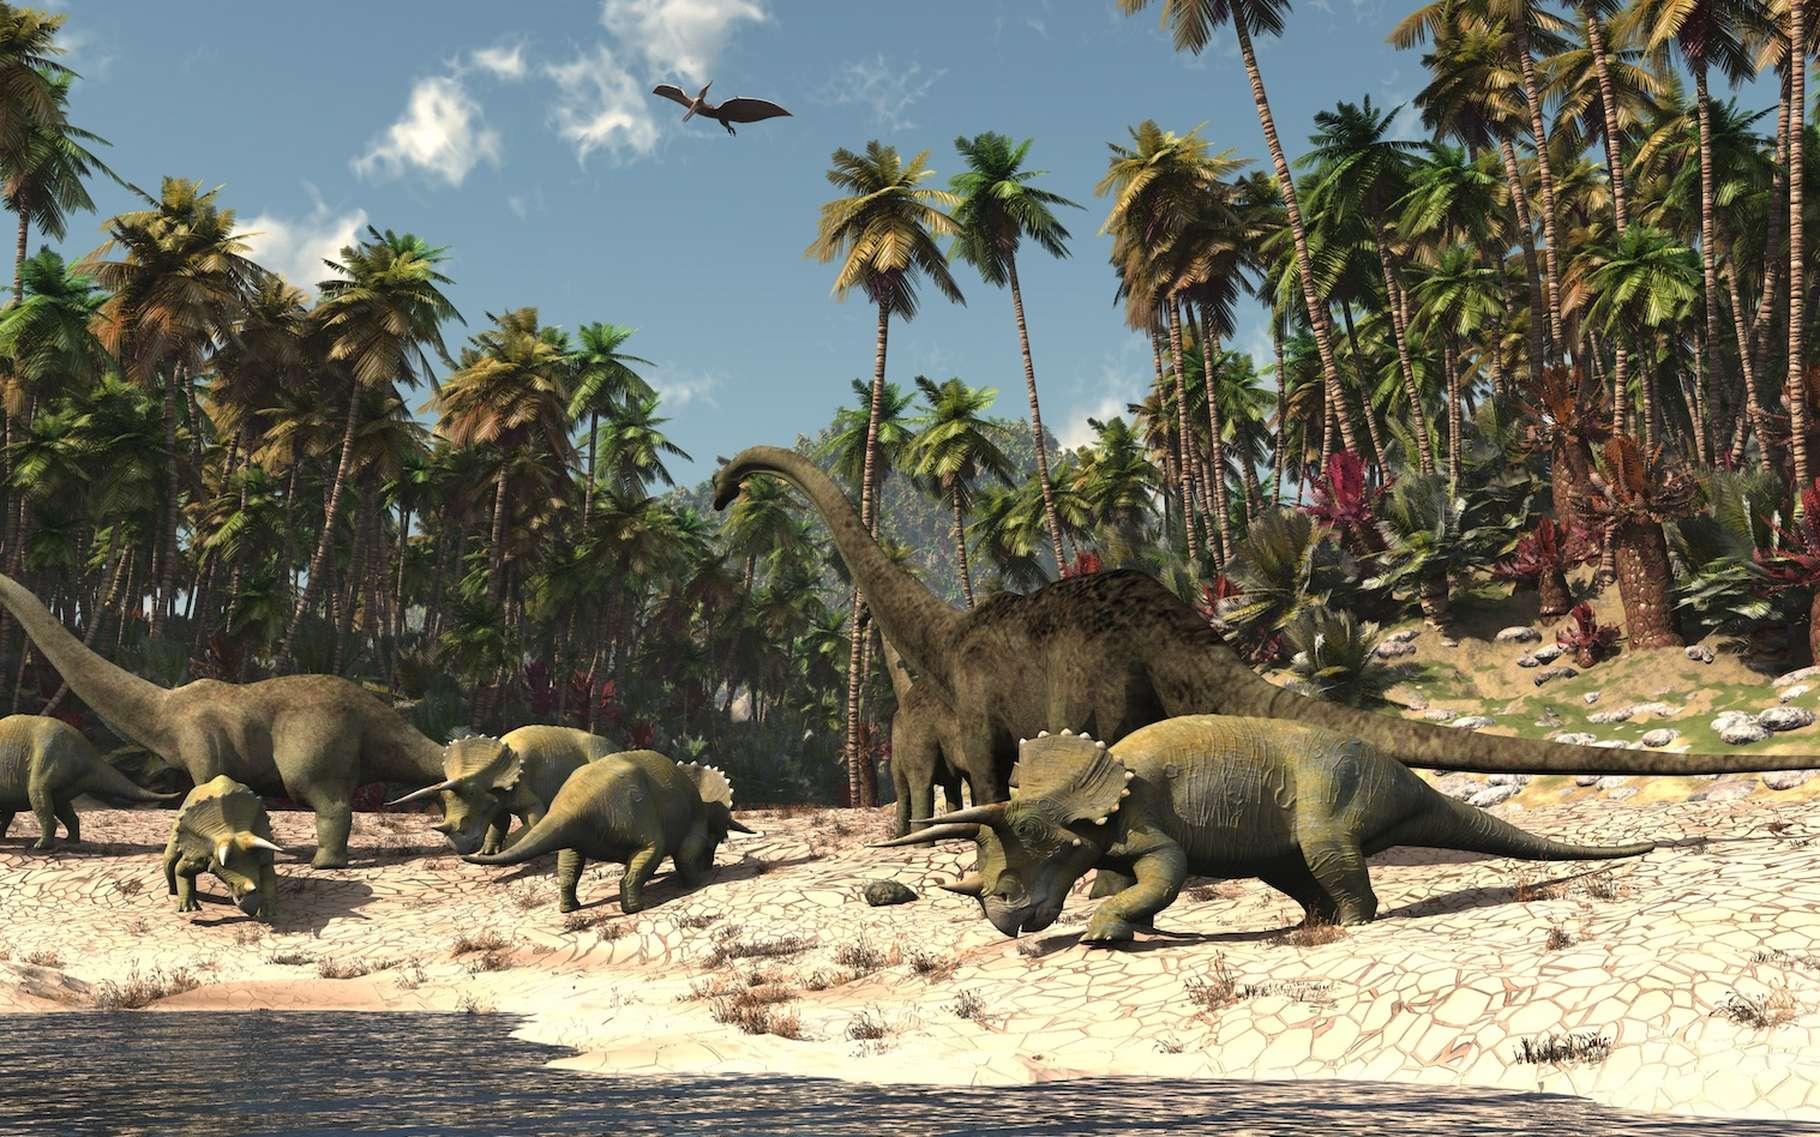 L'analyse d'un squelette de jeune platéosaure, un dinosaure herbivore, montre des caractéristiques très semblables à celles des adultes. © Ericus, Adobe Stock